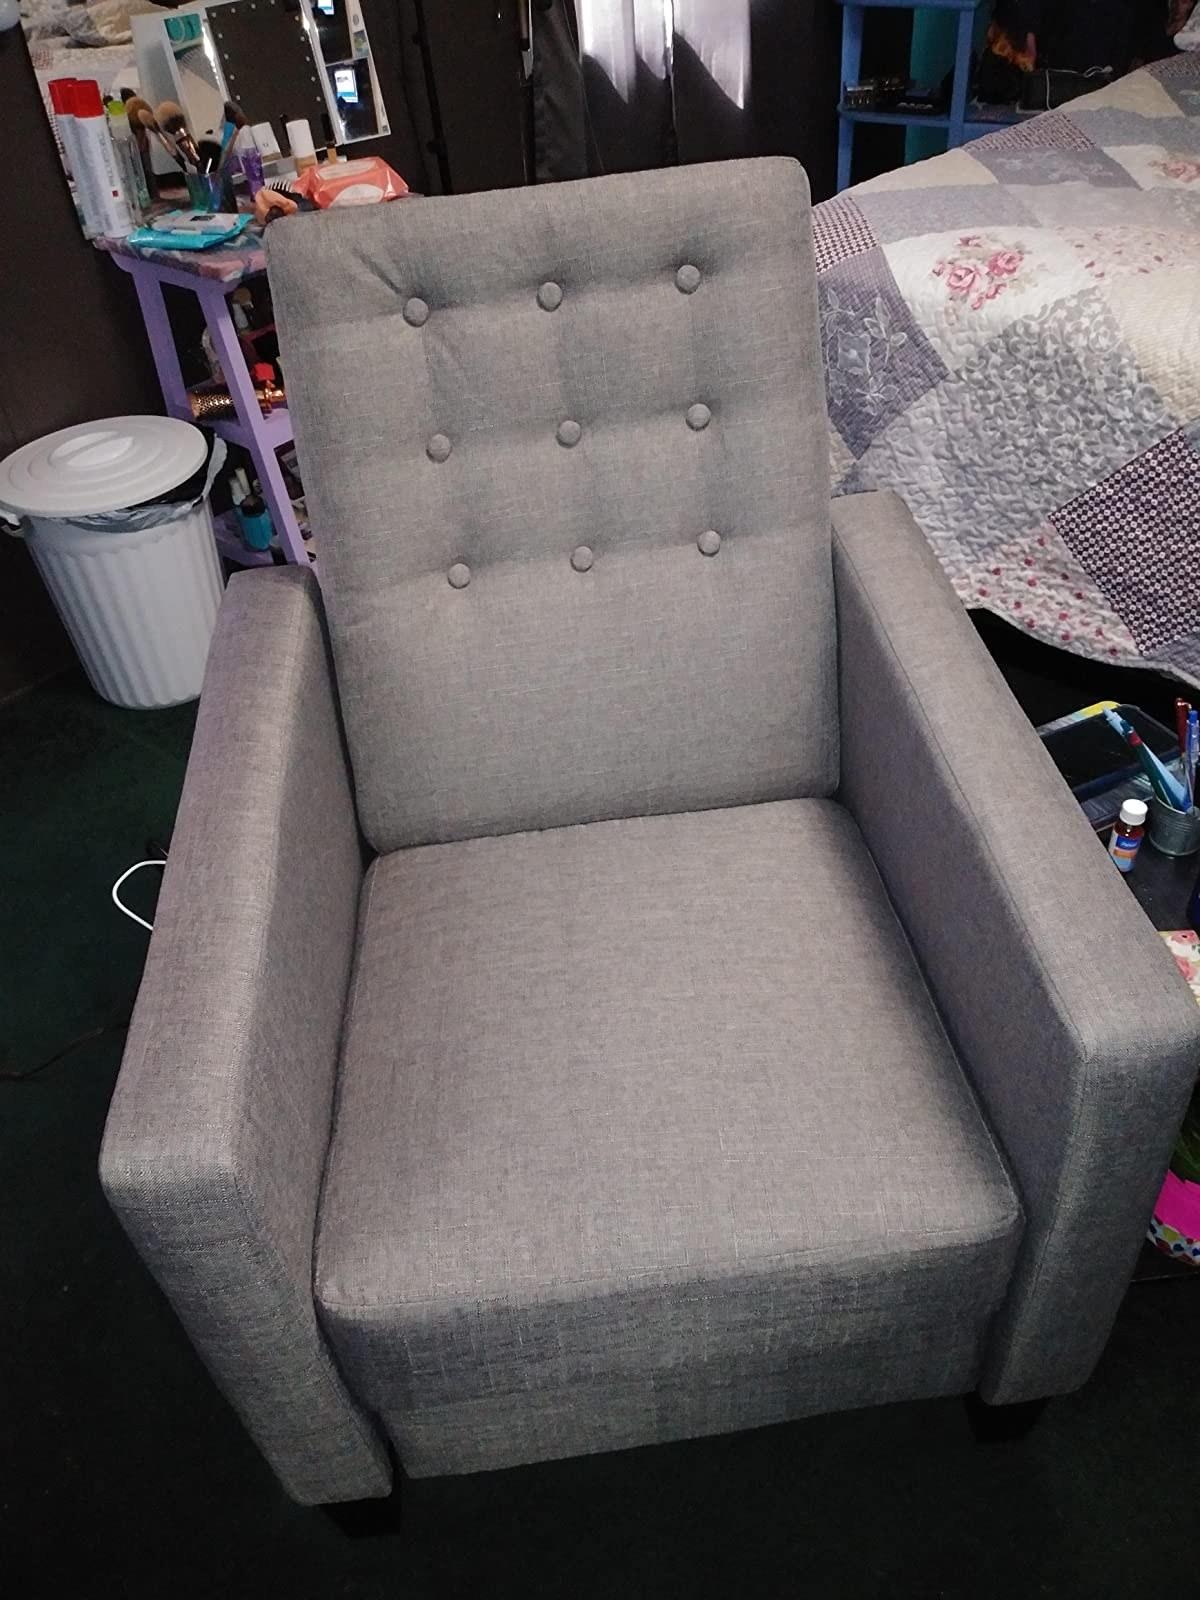 灰色的躺椅,有一个高高的簇状后背和一个正方形的形状